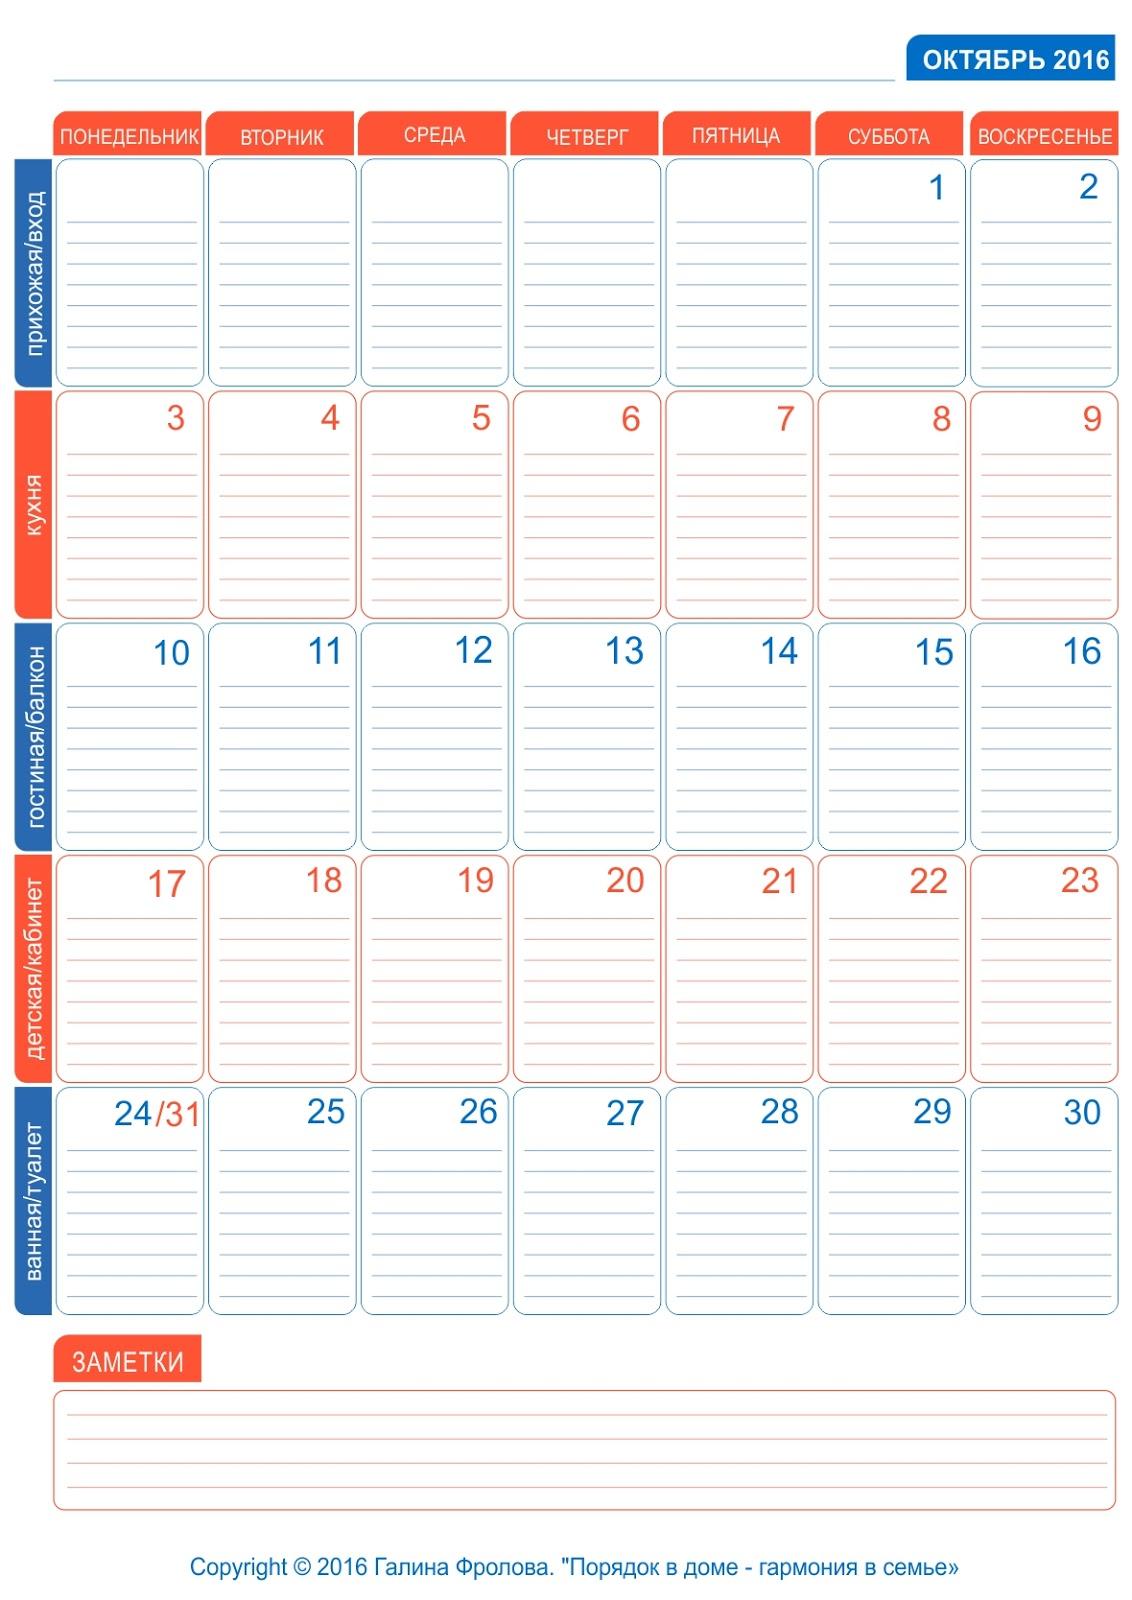 Восточный календарь по годам 1991